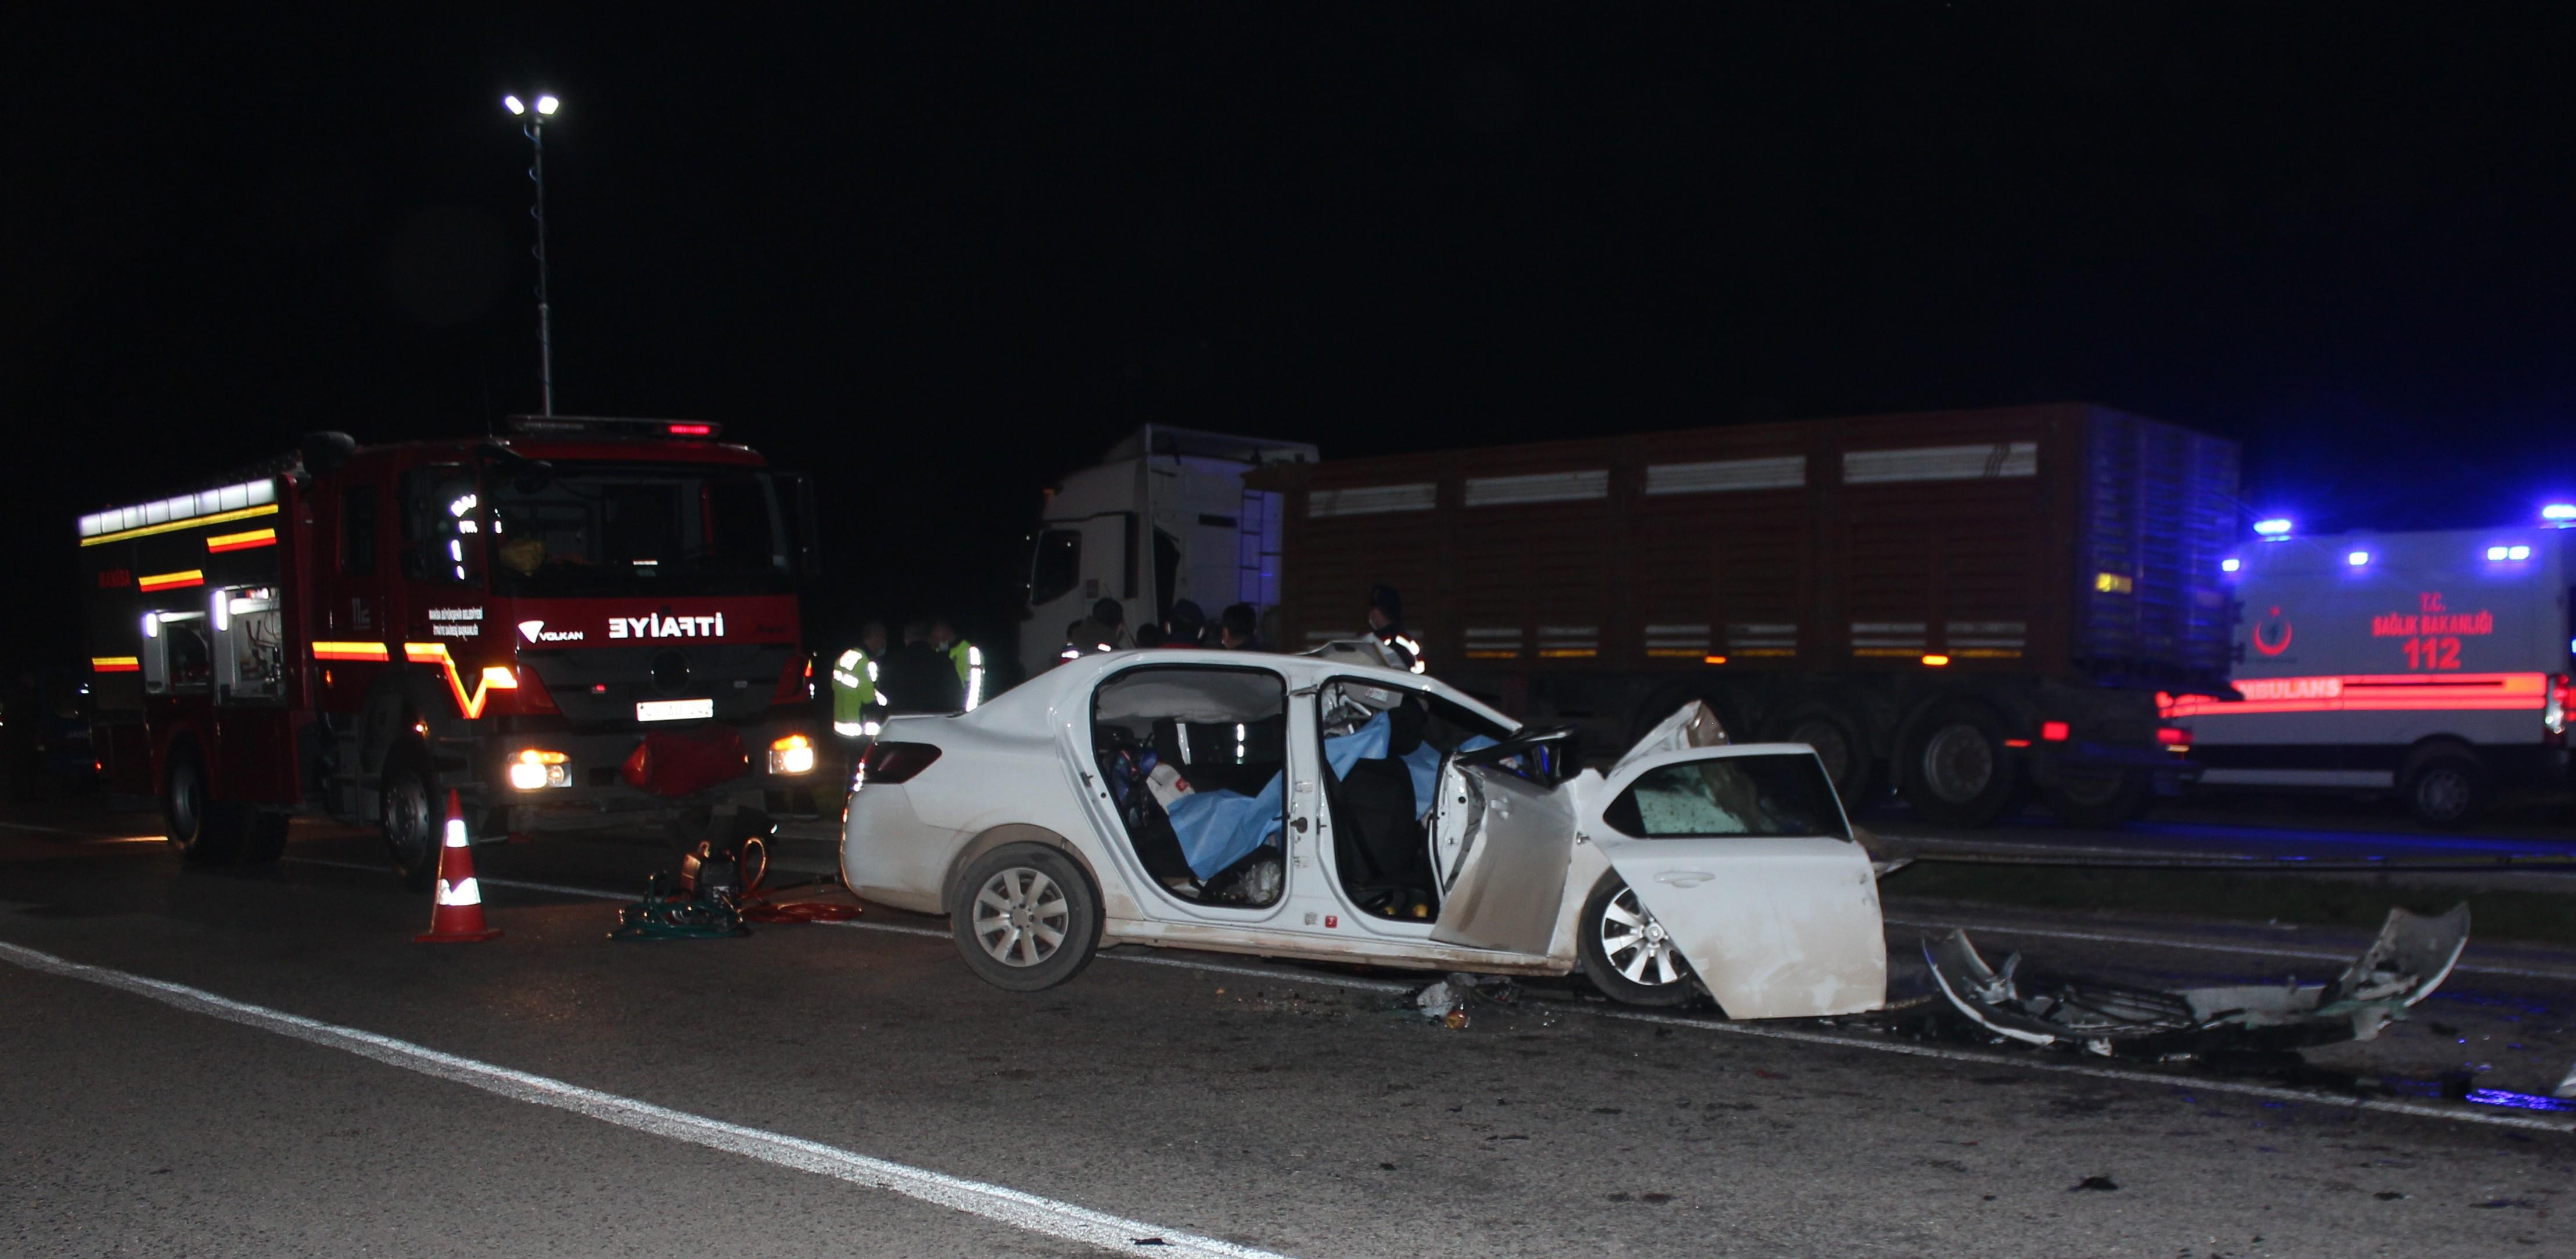 Manisa'daki feci kazada ölü sayısı 3'e yükseldi